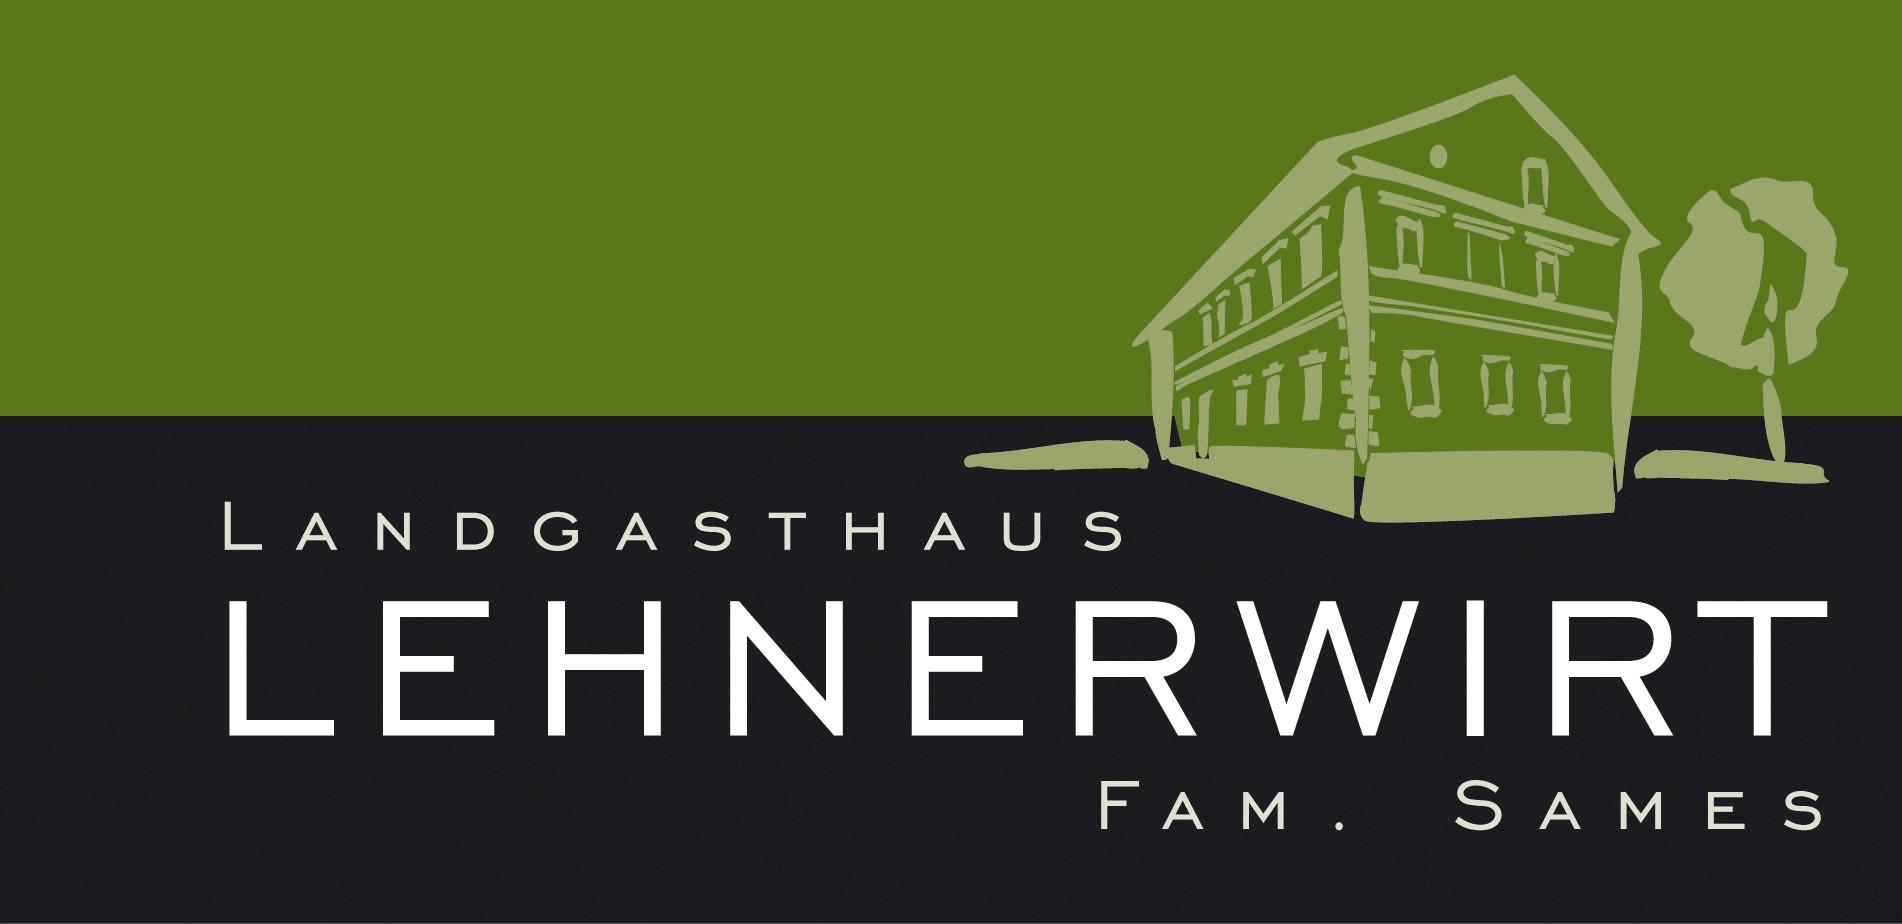 Landgasthaus Lehnerwirt Familie Sames | Landgasthaus Lehnerwirt, das Gasthaus der Familie Same in Alkoven Bezirk Eferding nahe der Donau, Essen, Feiern, Catering für alle Anlässe, saisonale Küche mit regionalen Produkten, Gastgarten, Innenhof